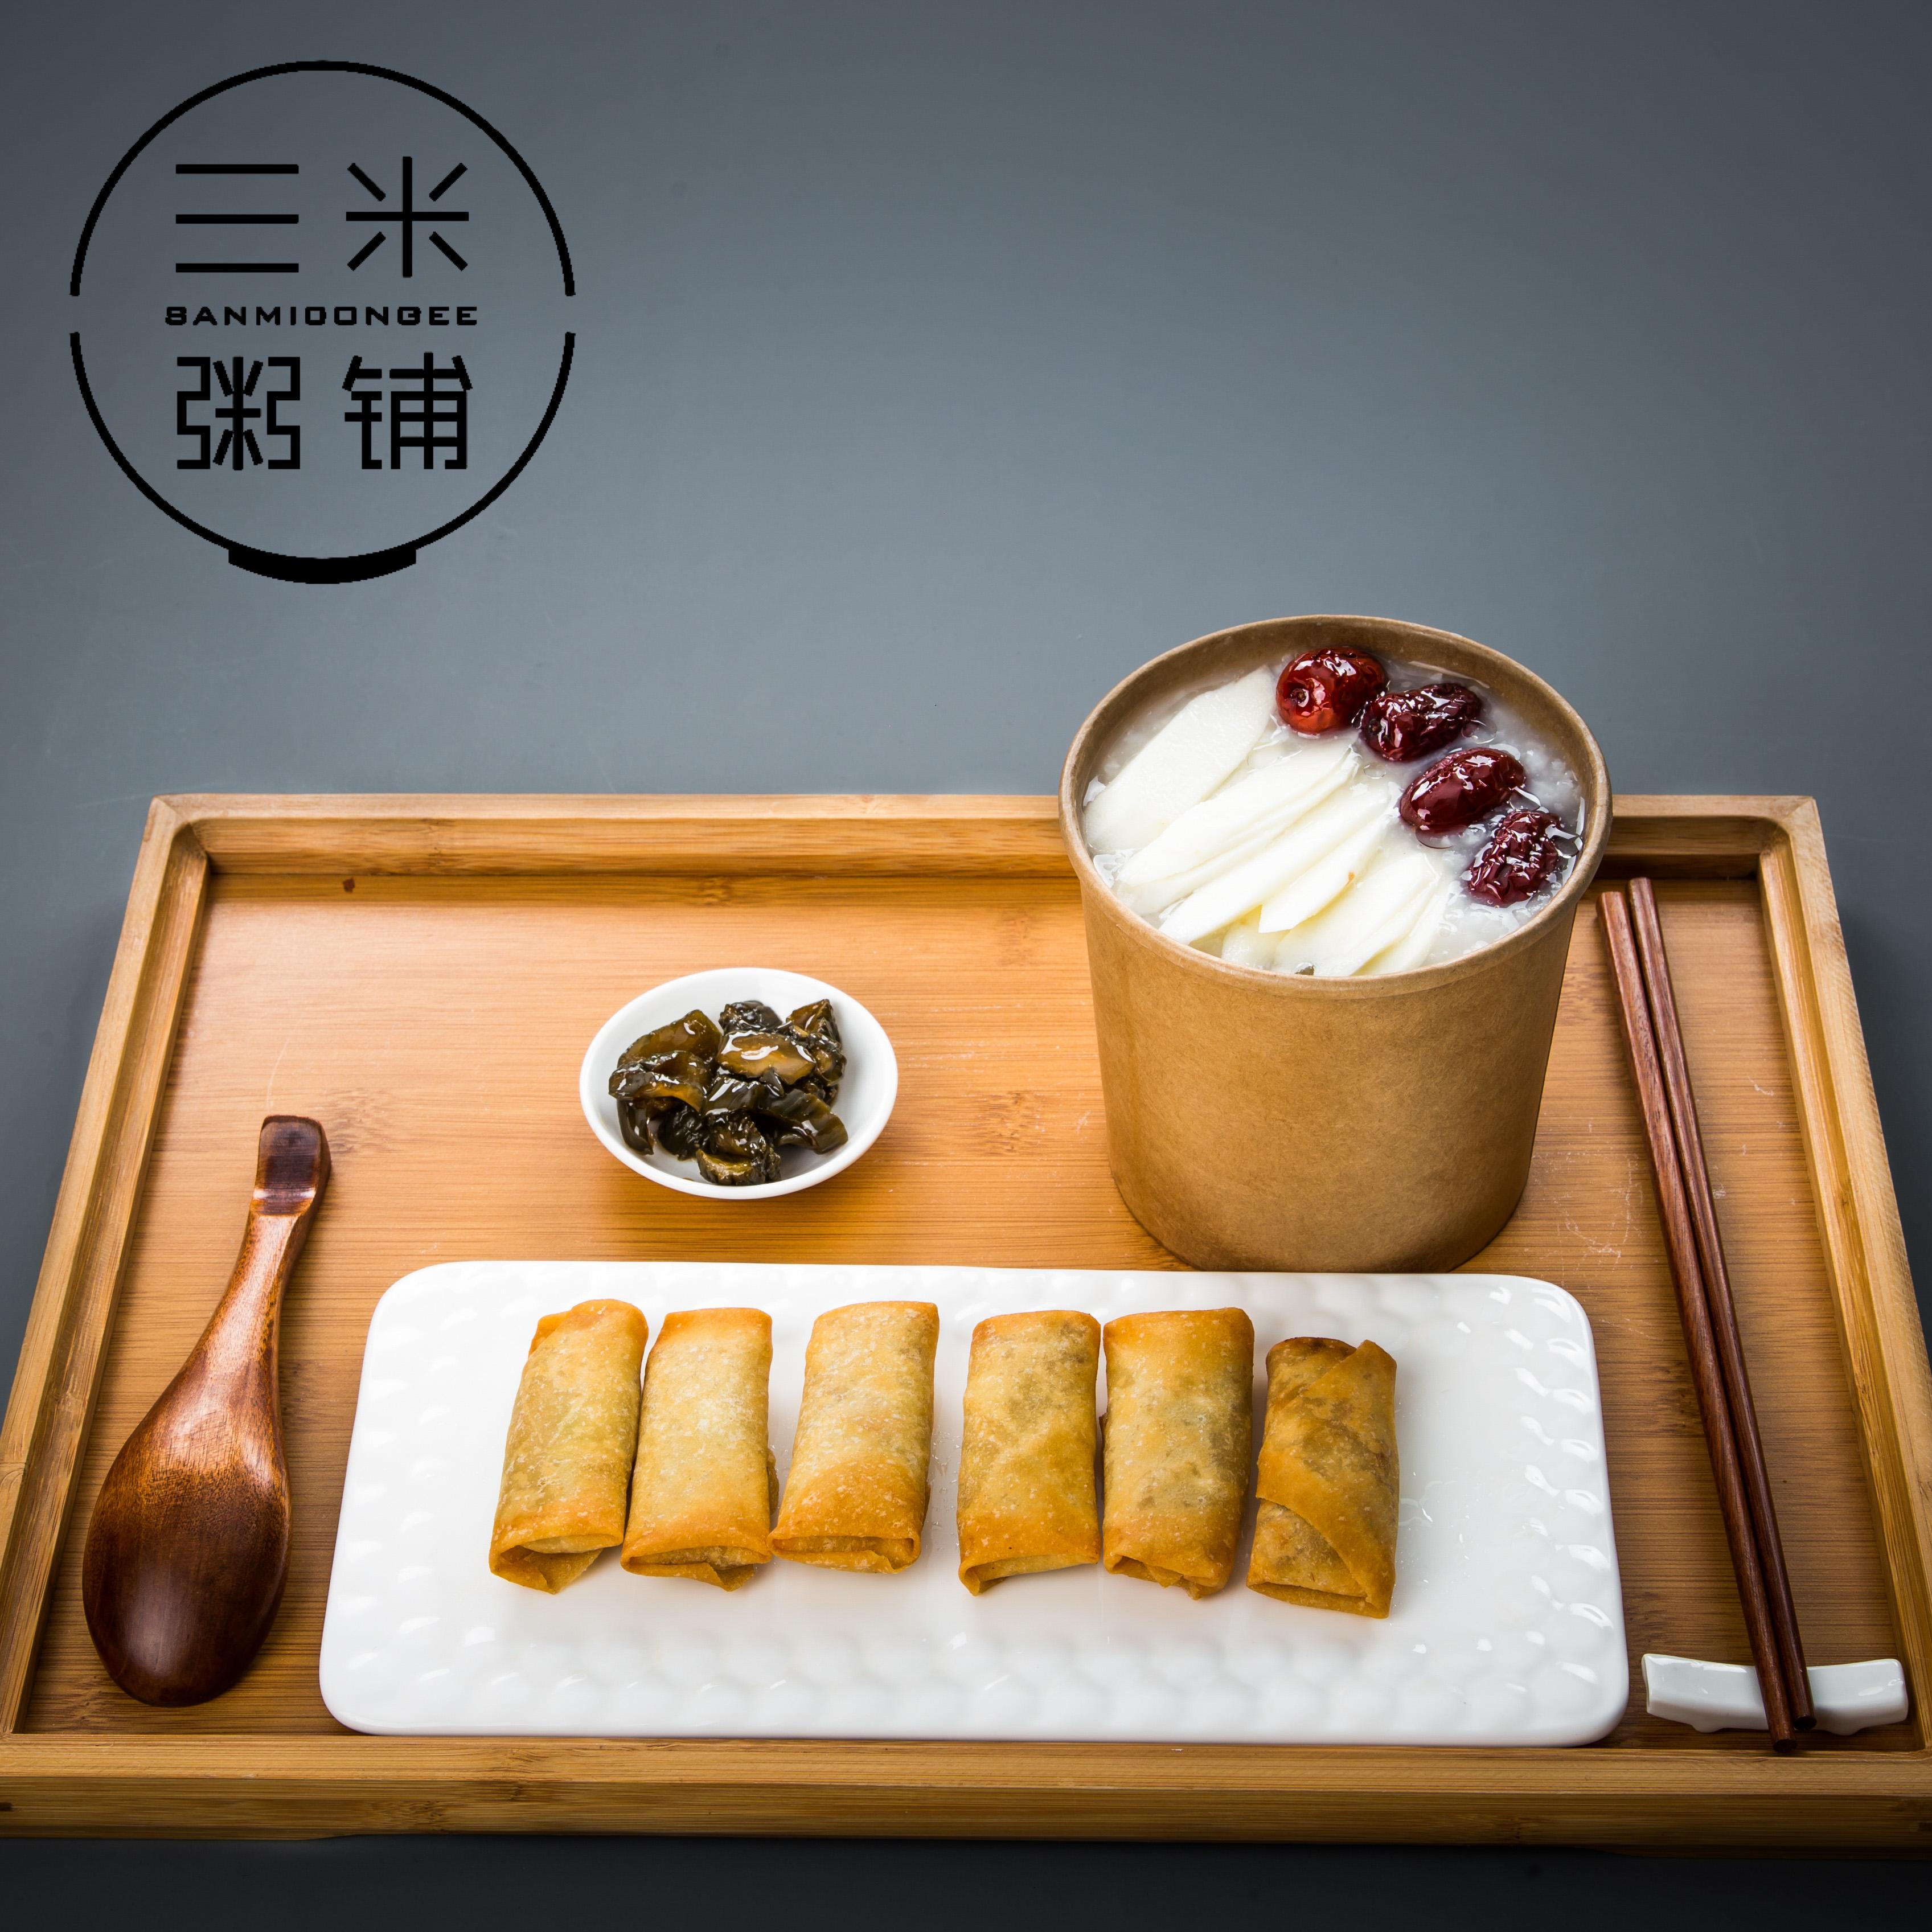 山药红枣粥+春卷+蜂蜜脆瓜.jpg